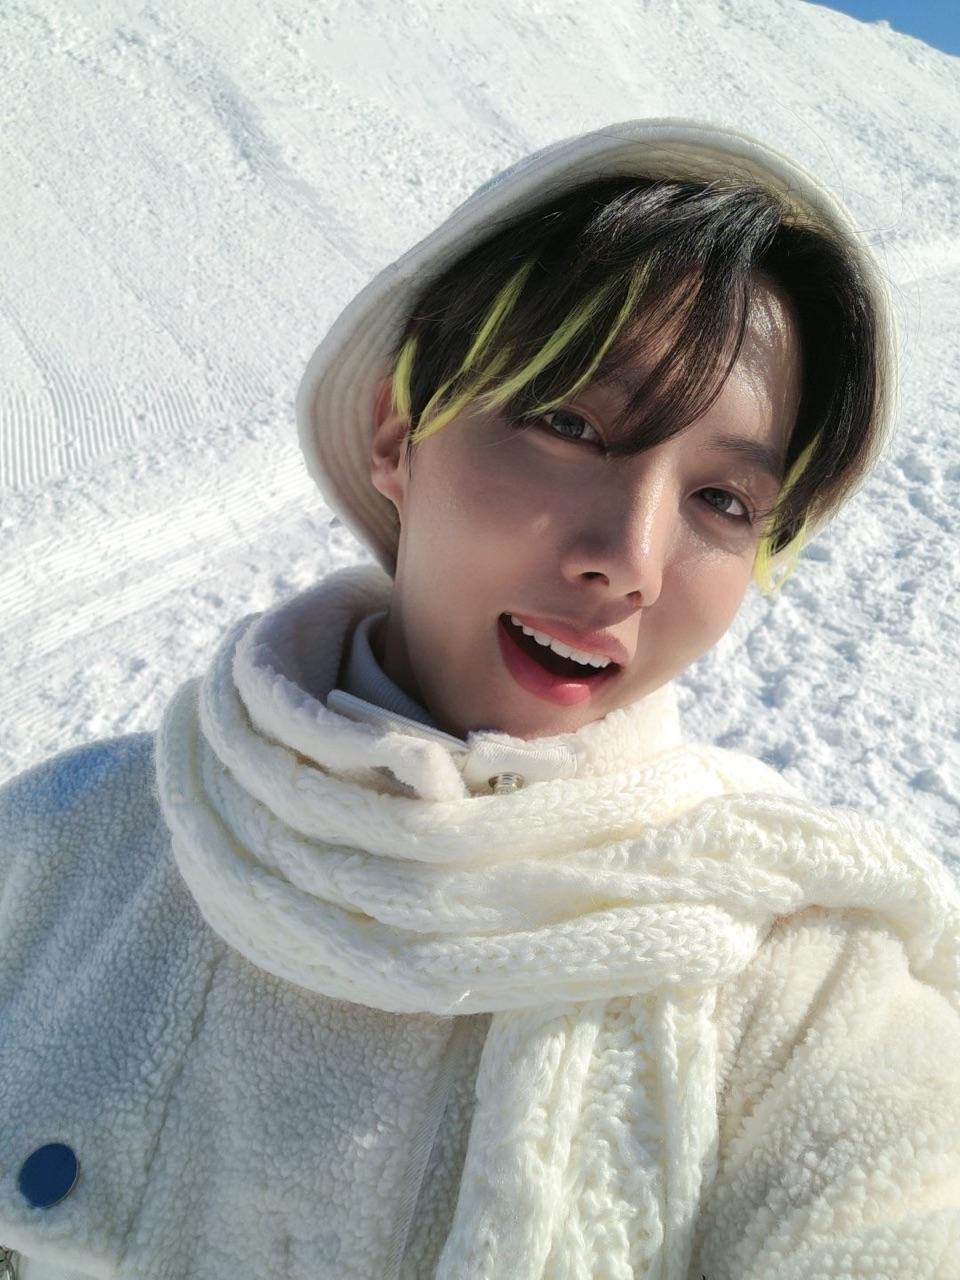 kpop, snow, and hobi image